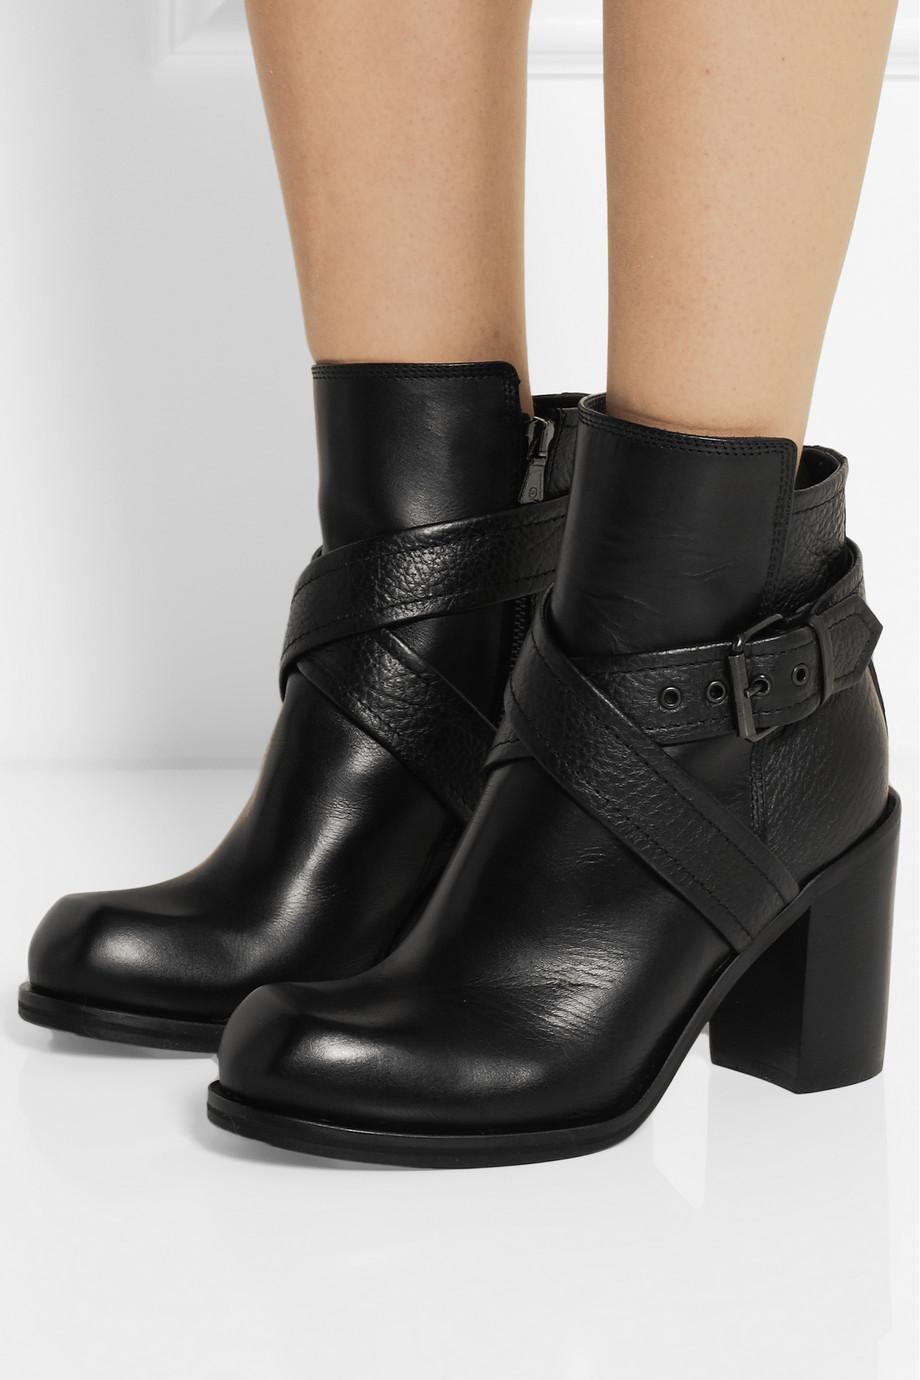 En Şık Kadın Çizme Modelleri